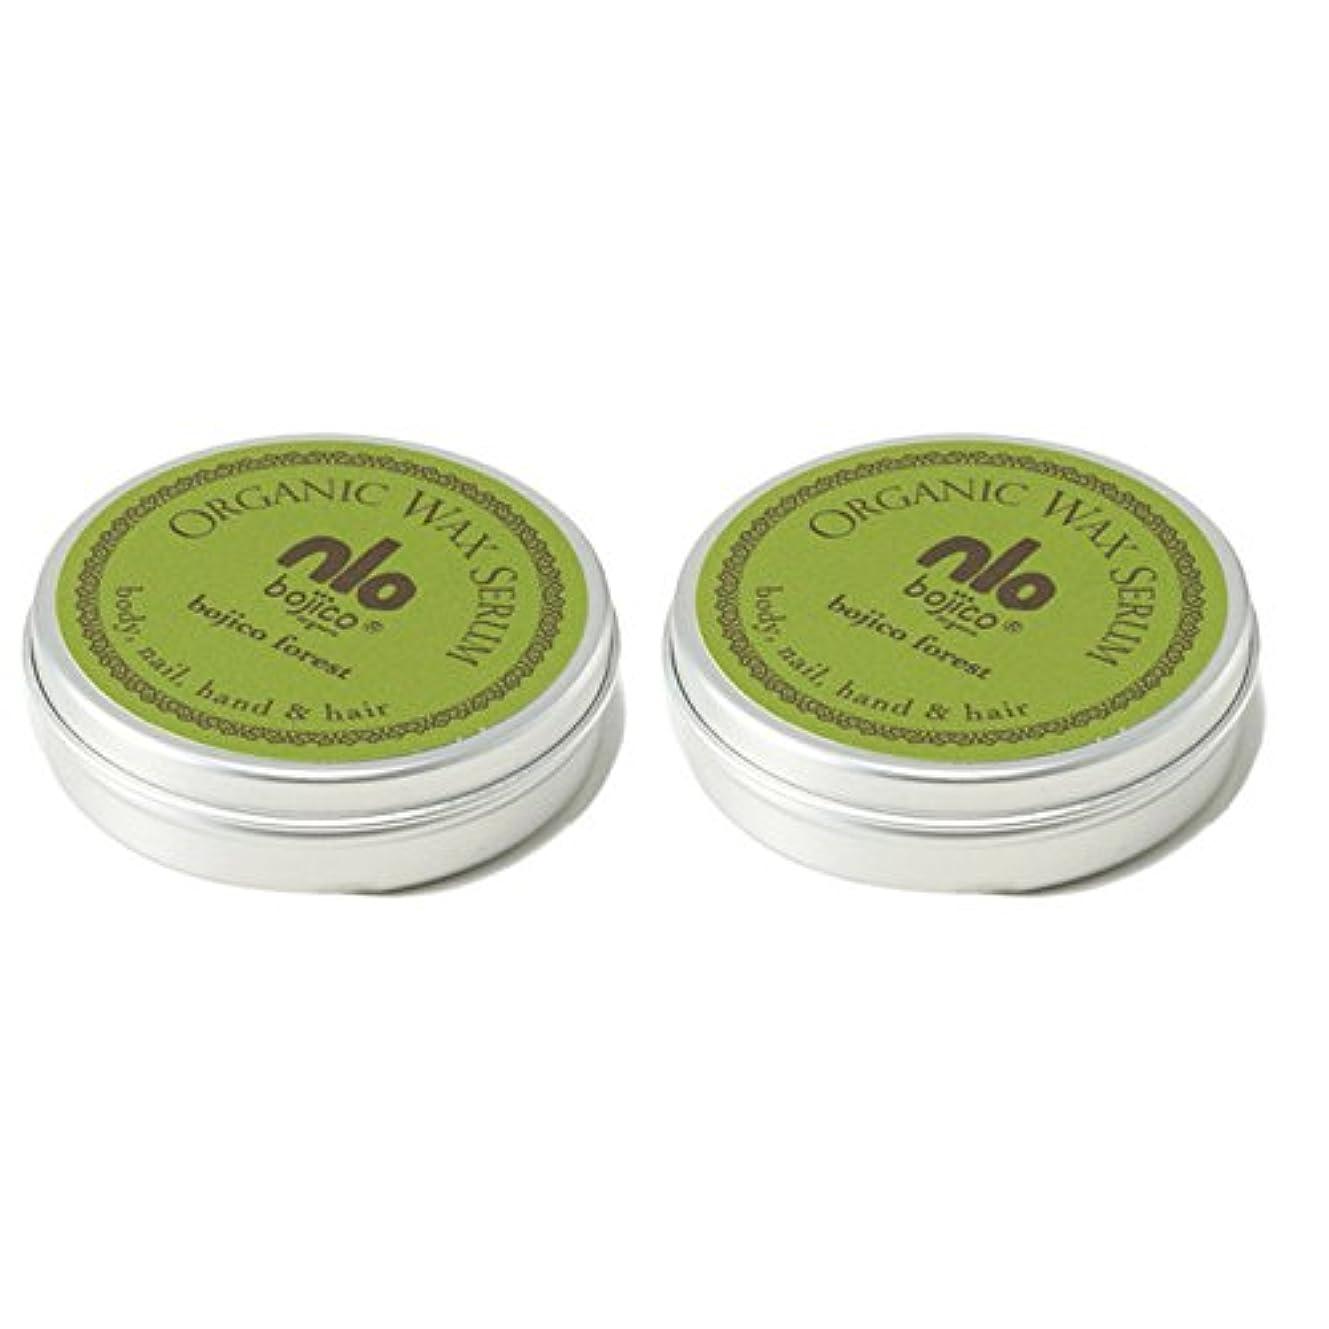 擬人交流する予防接種【40g×2個セット】 ボジコ オーガニック ワックス セラム <フォレスト> bojico Organic Wax Serum 40g×2